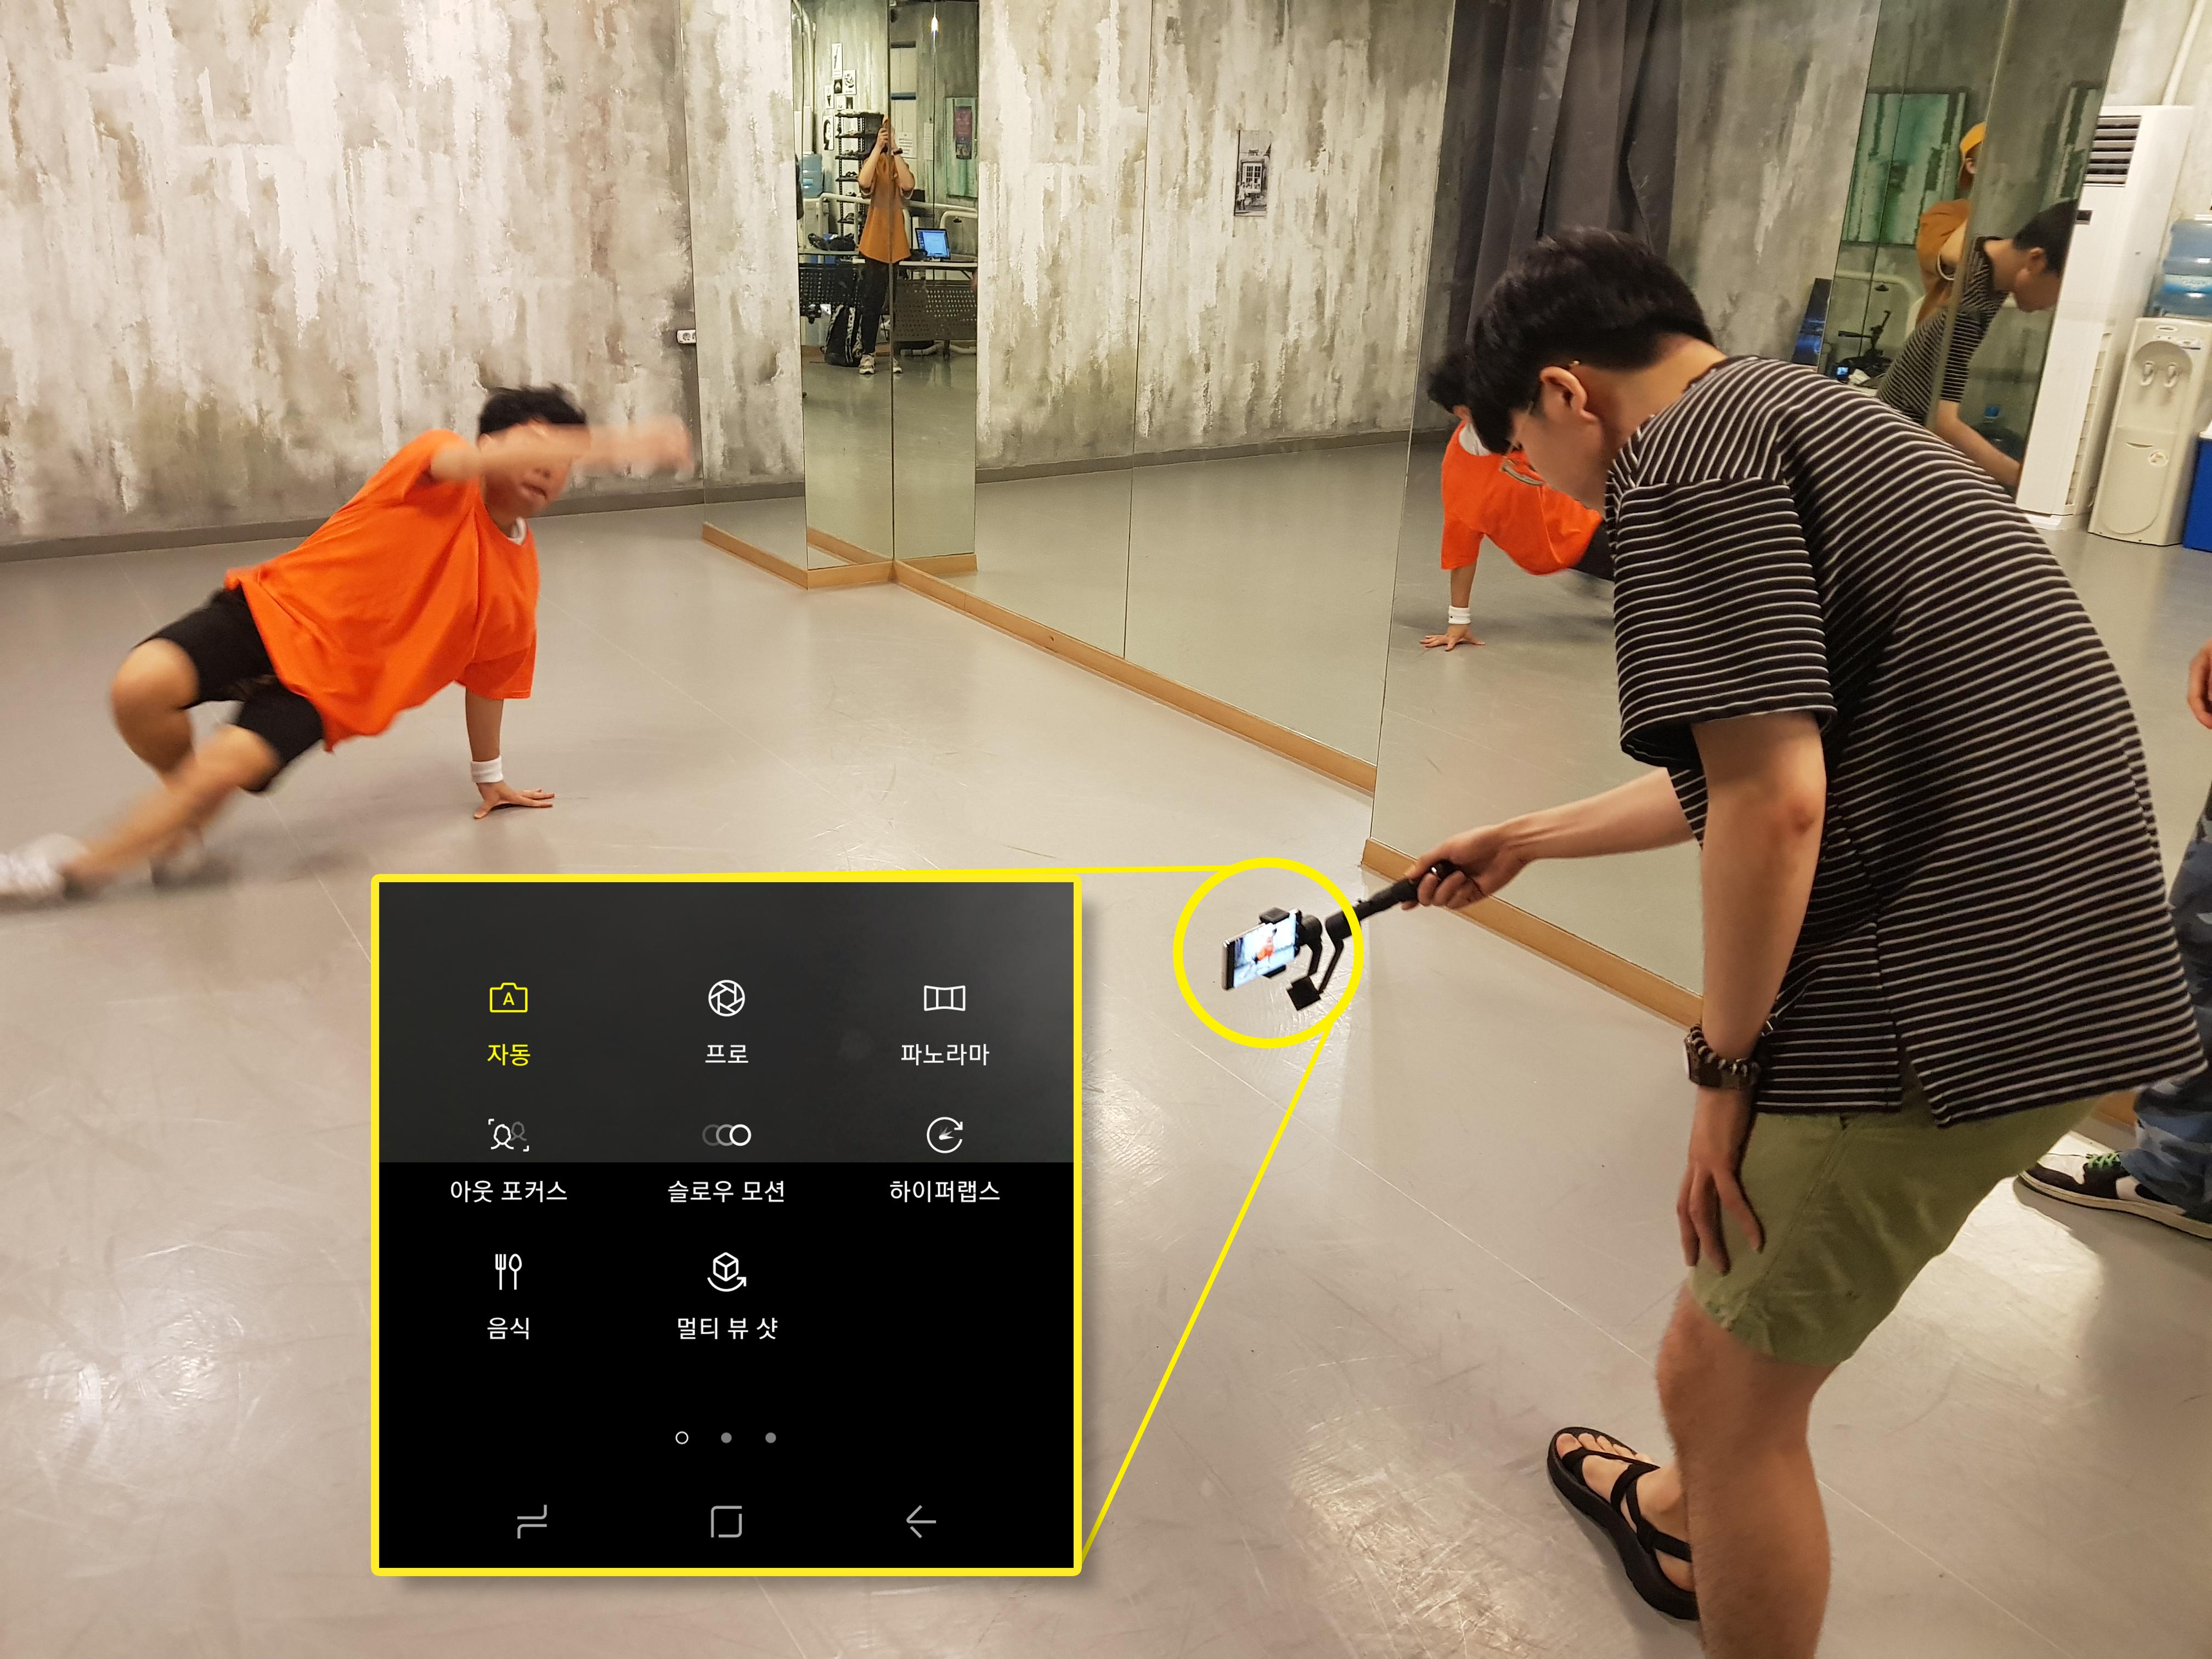 갤럭시 S8으로 촬영한 댄스 비디오